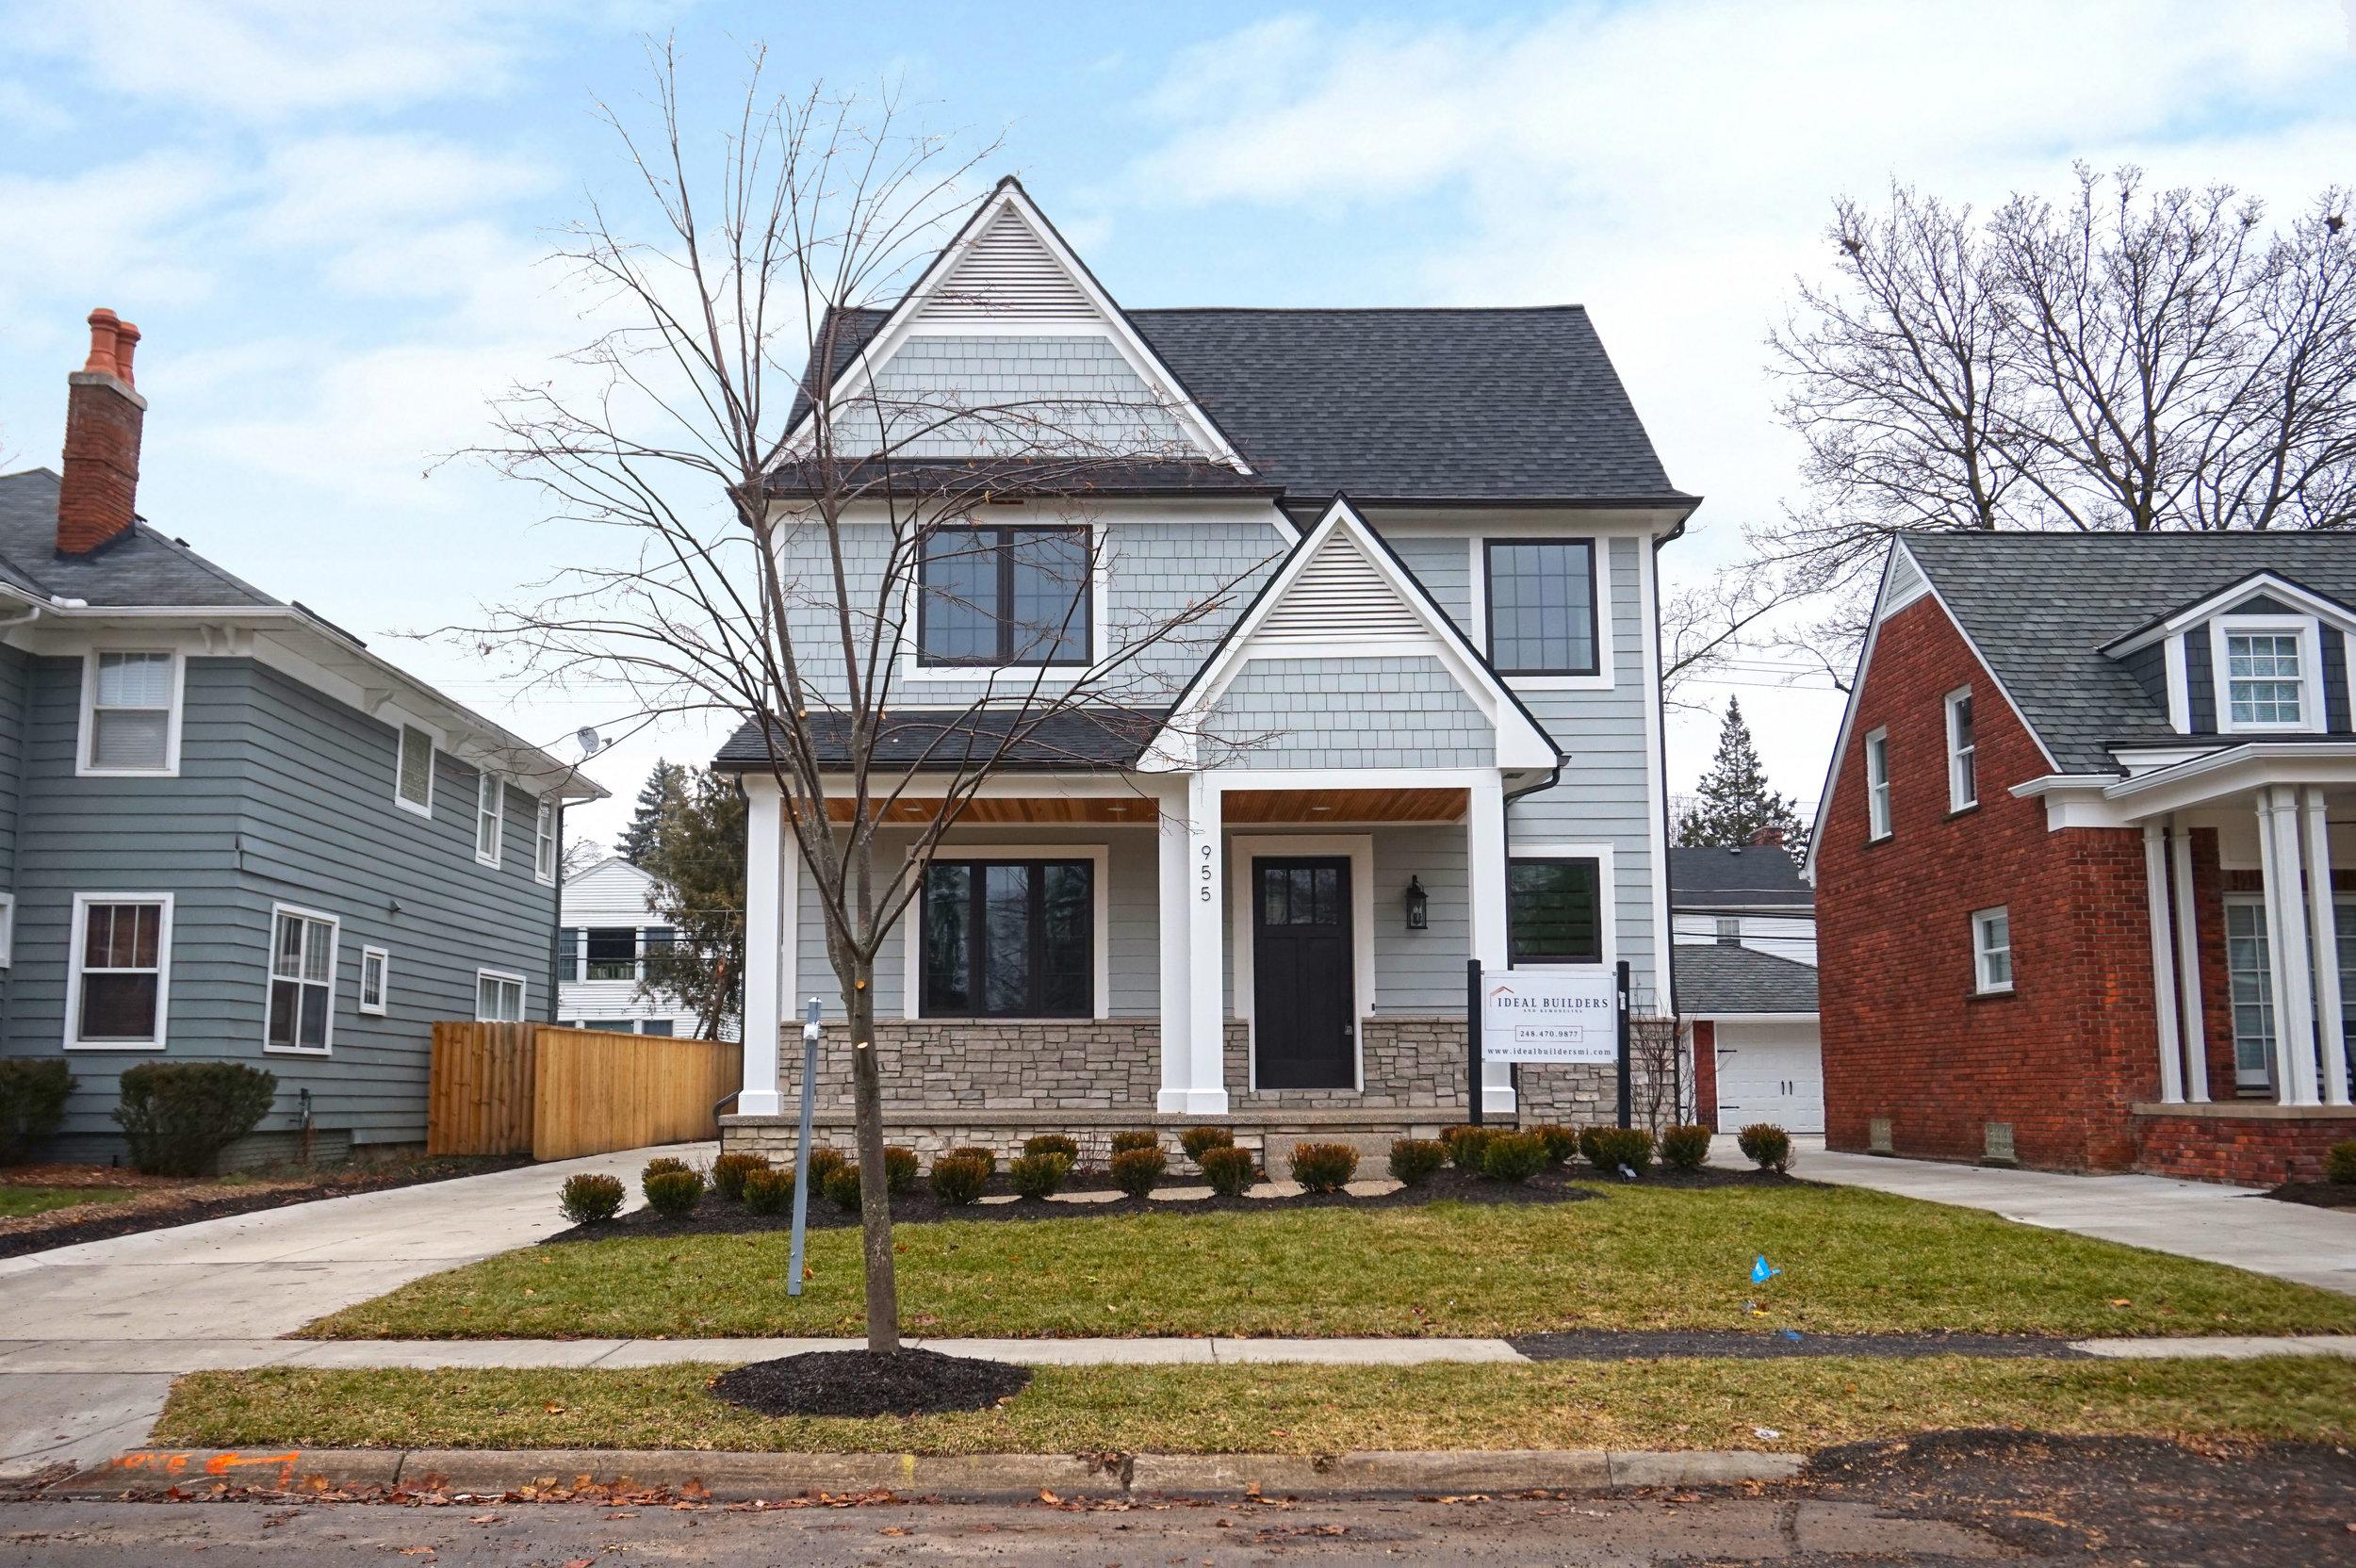 955 S. Bates, Birmingham - $1,450,000